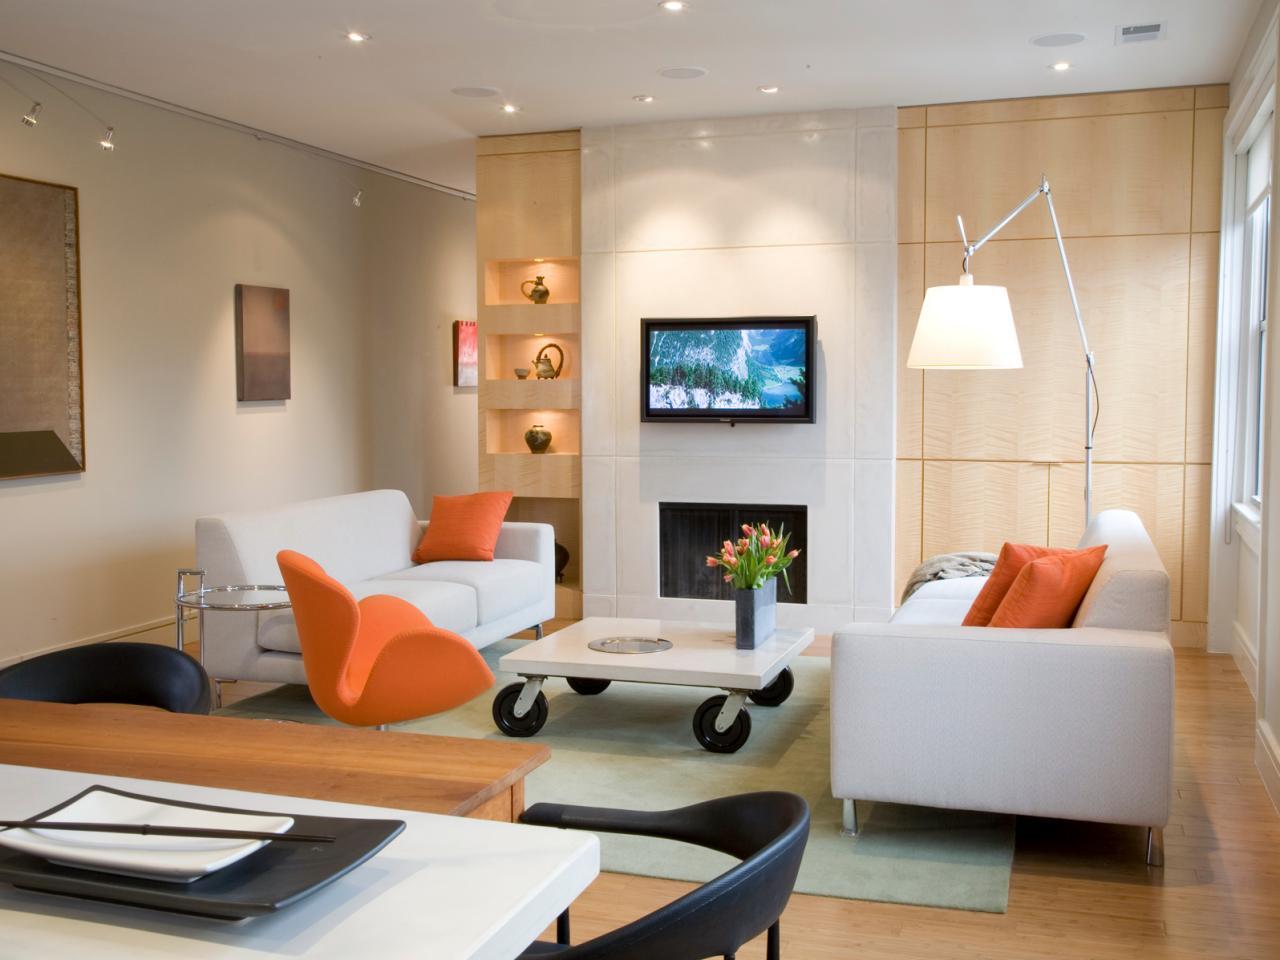 Дизайн освещения квартиры фото